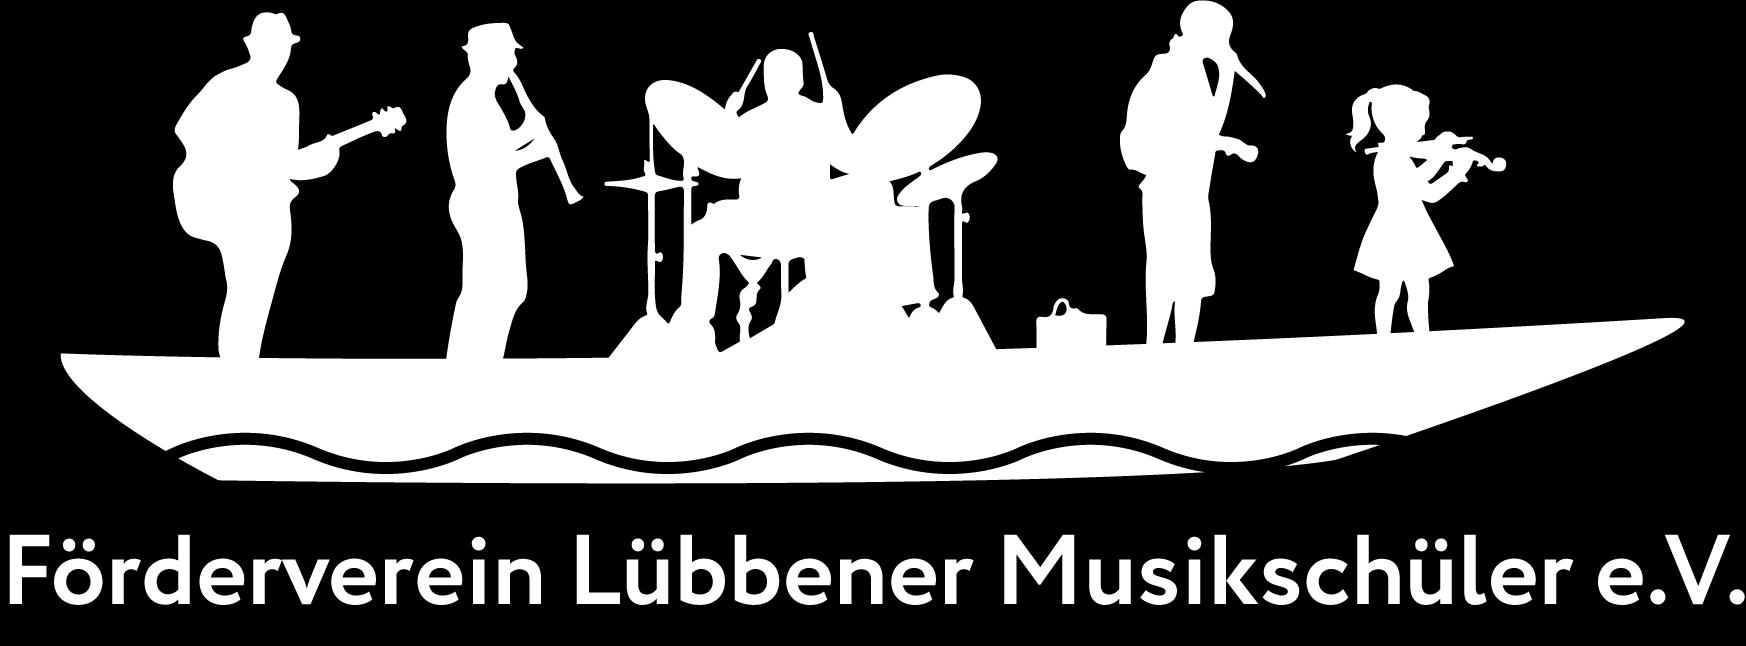 Förderverein Lübbener Musikschüler e.V.